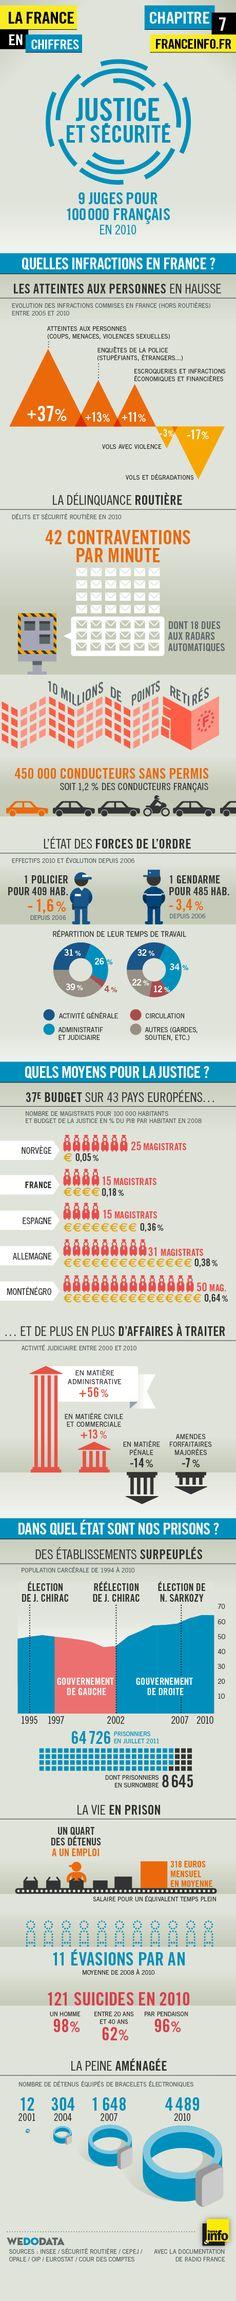 Infographies   La France en chiffres : justice et sécurité - France Info